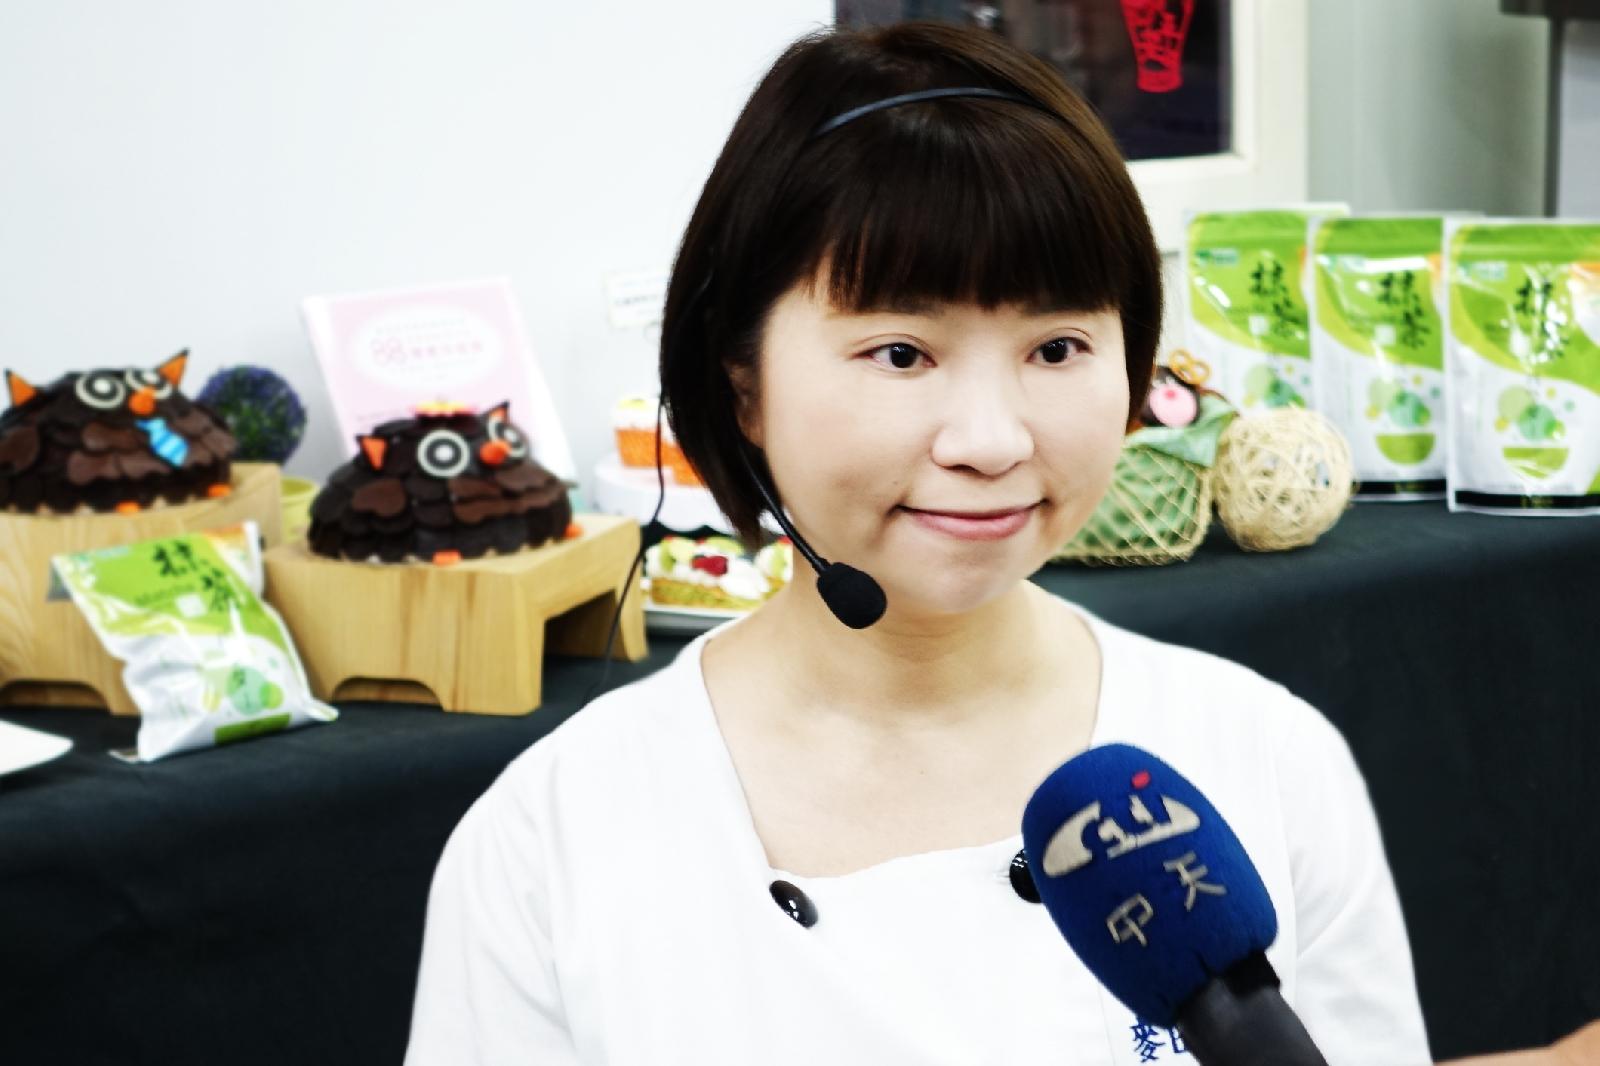 麥田金老師指名使用T世家抹茶粉,用台灣茶葉,正宗日式工法蒸菁研磨而成的高優質抹茶!